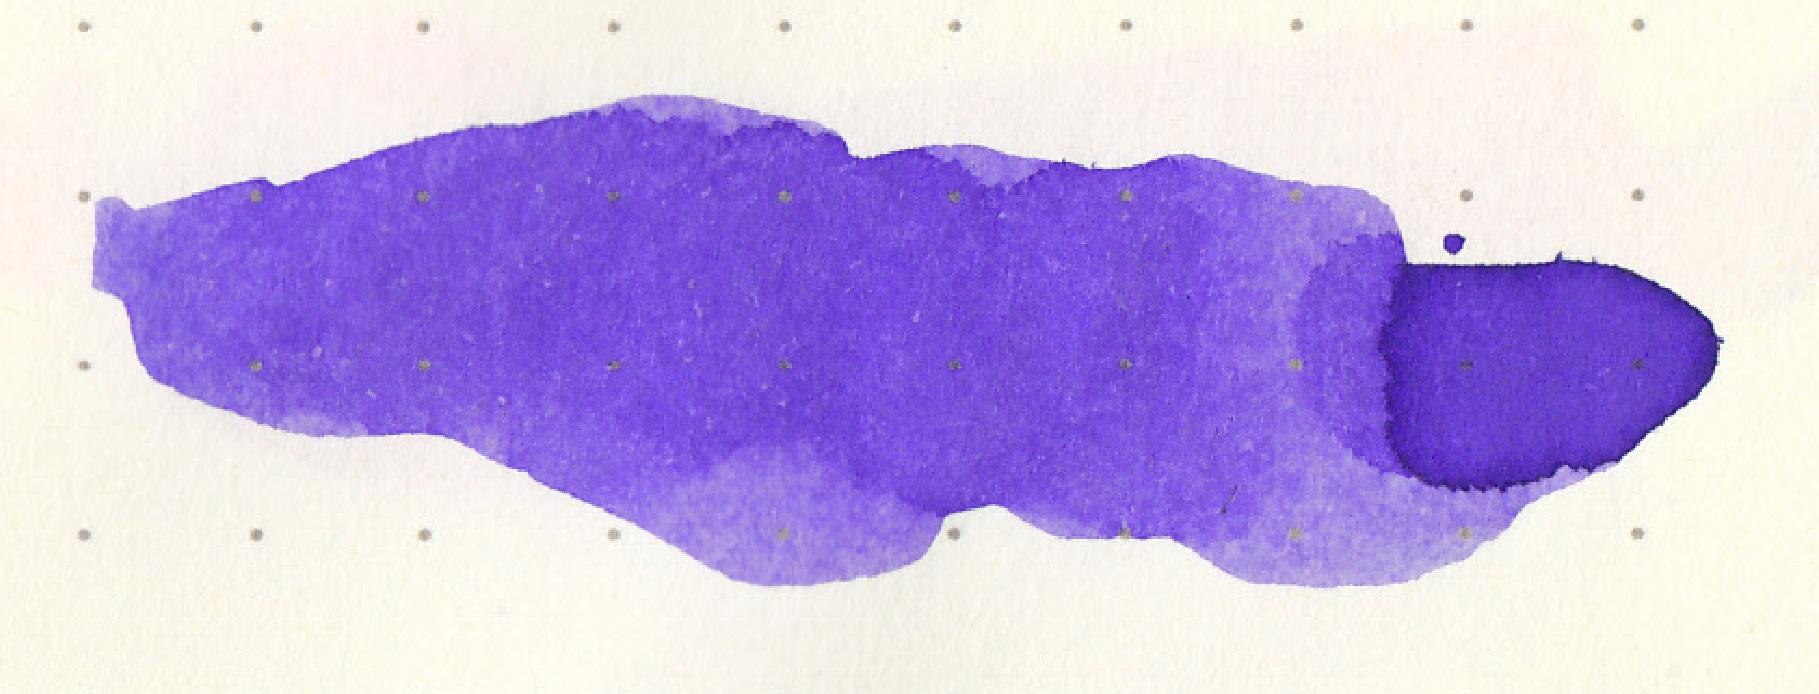 fpn_1458767407__violet_papierplume_leuch